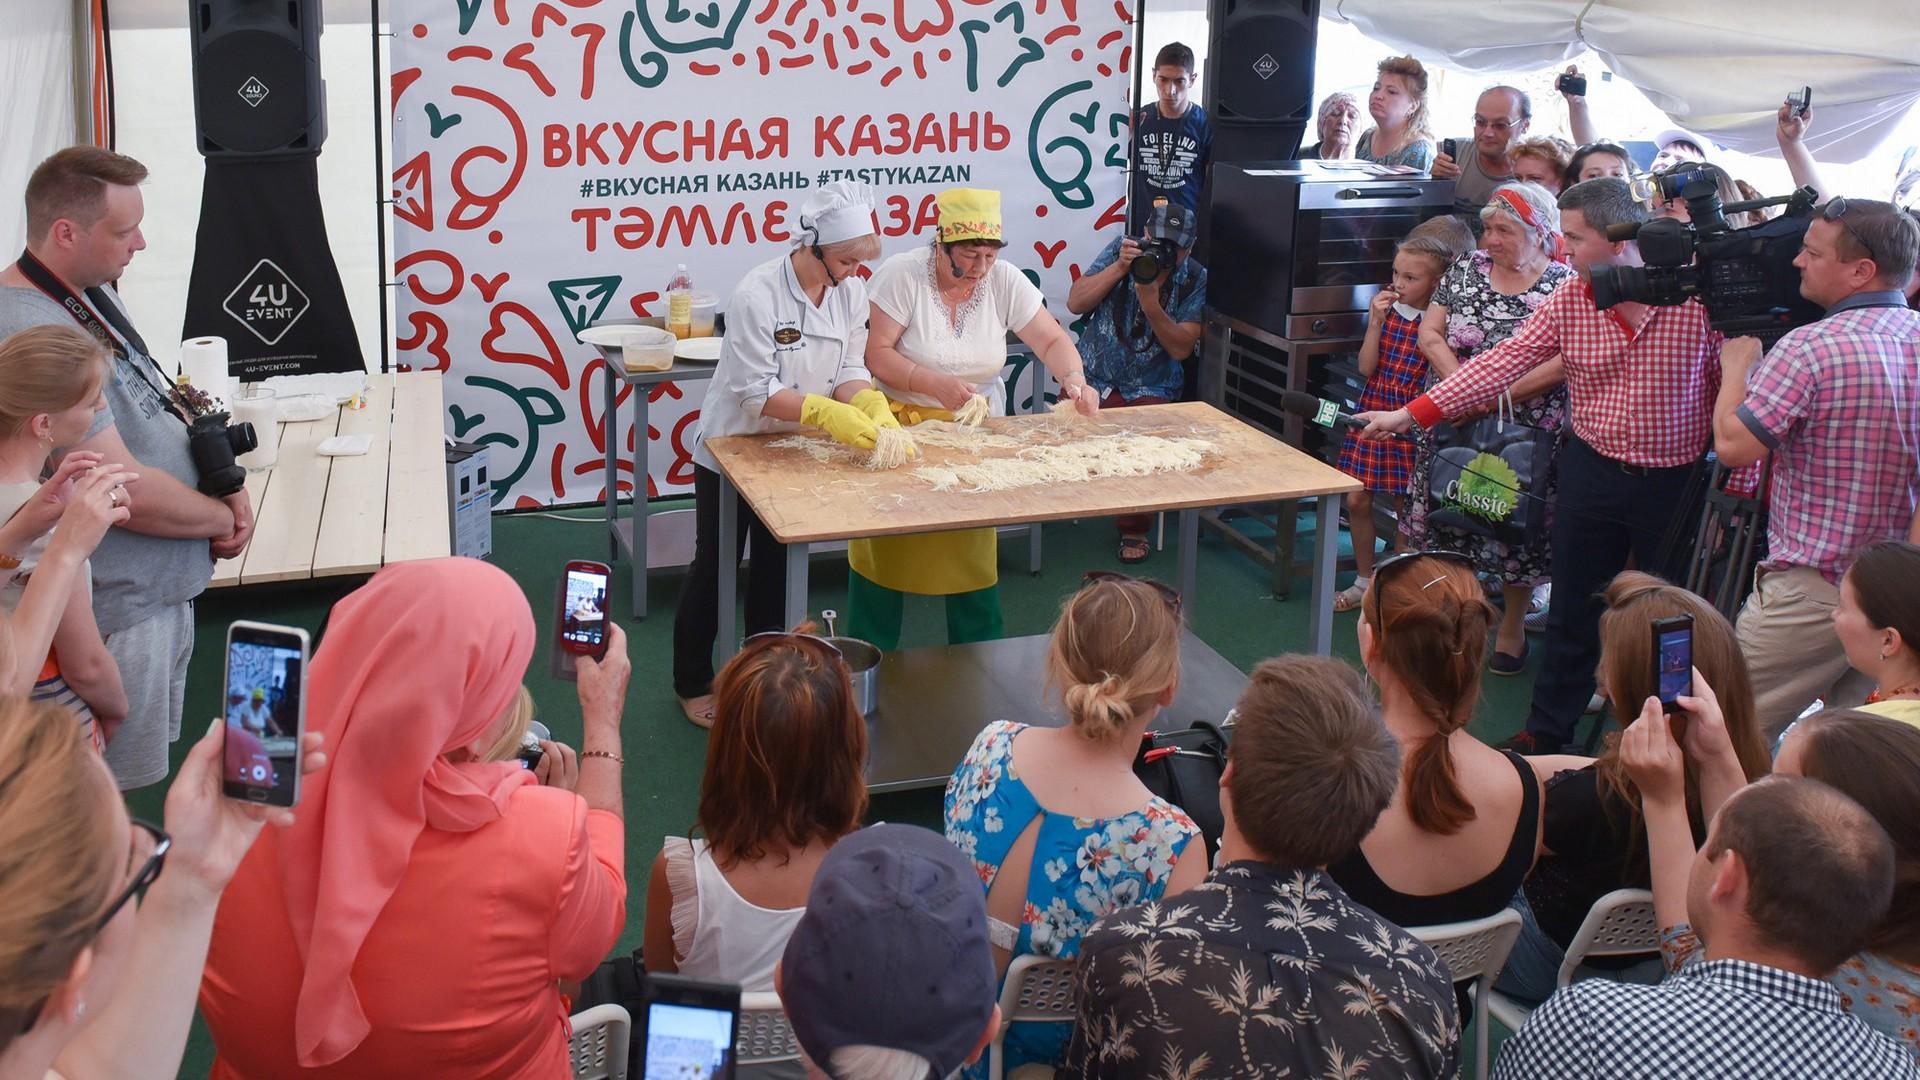 Затри дня фестиваля «Вкусная Казань» гости съели 12 тонн еды